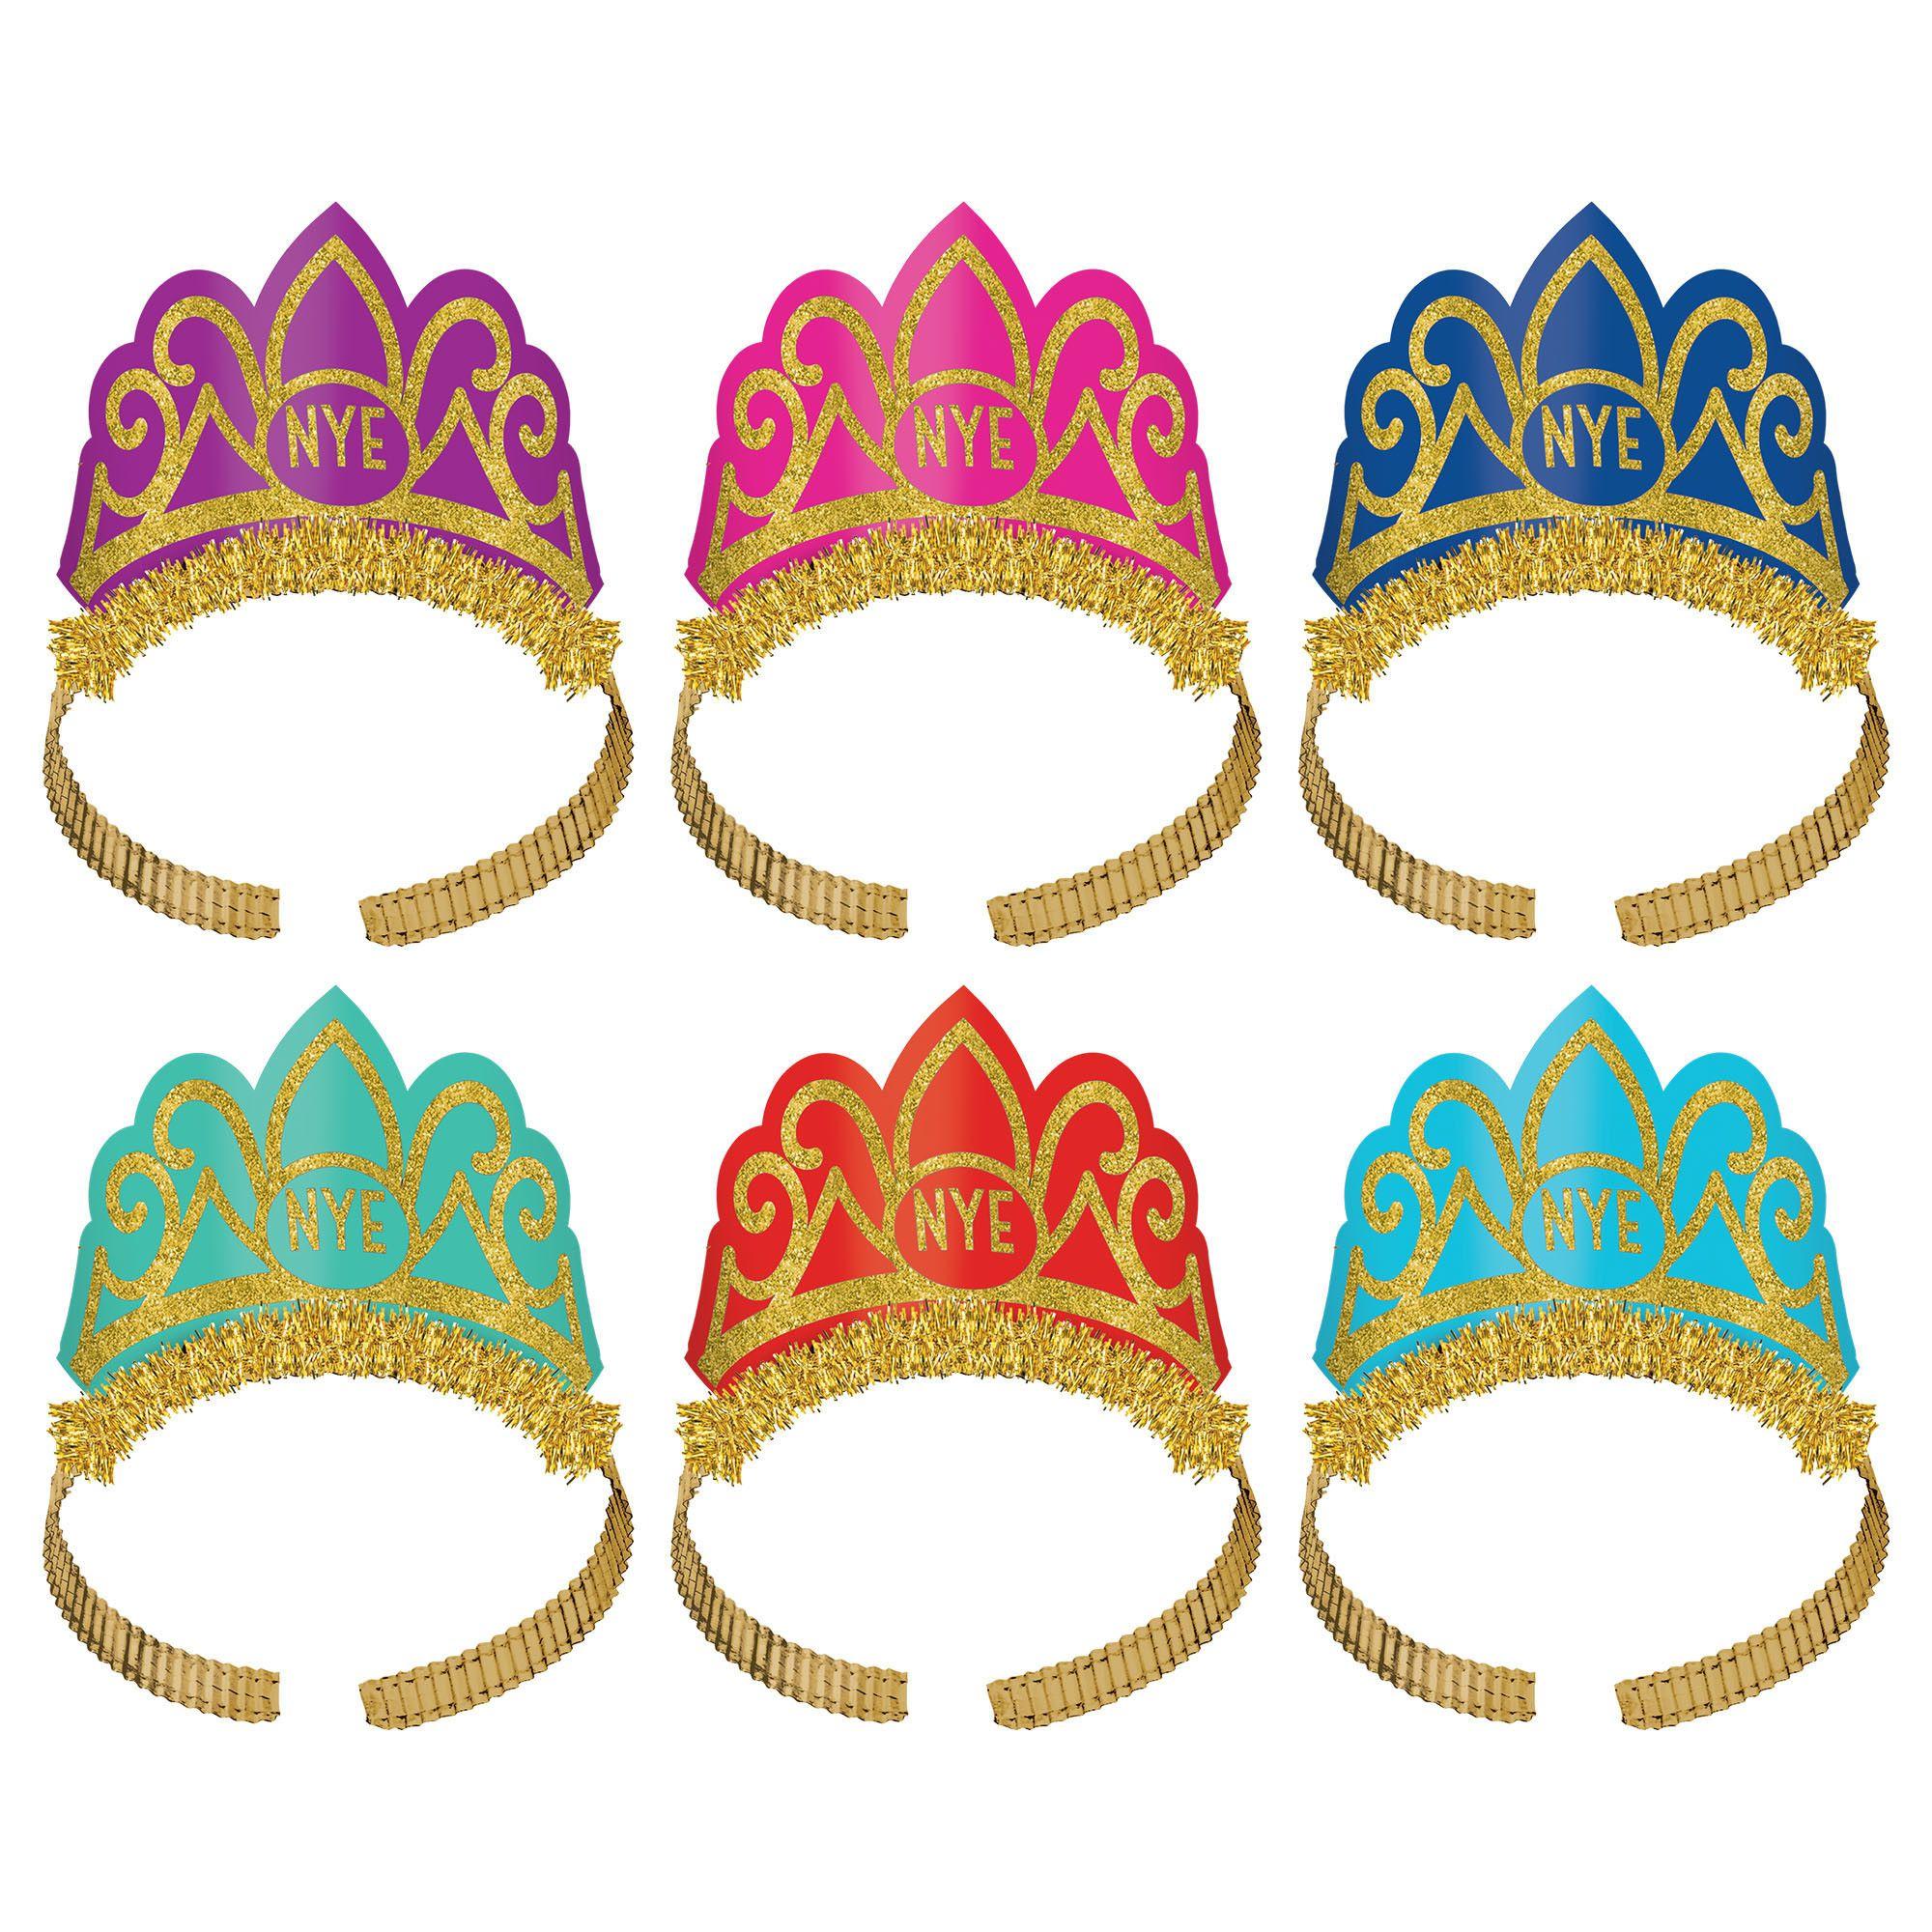 NY Glitter Tiara Multicolored